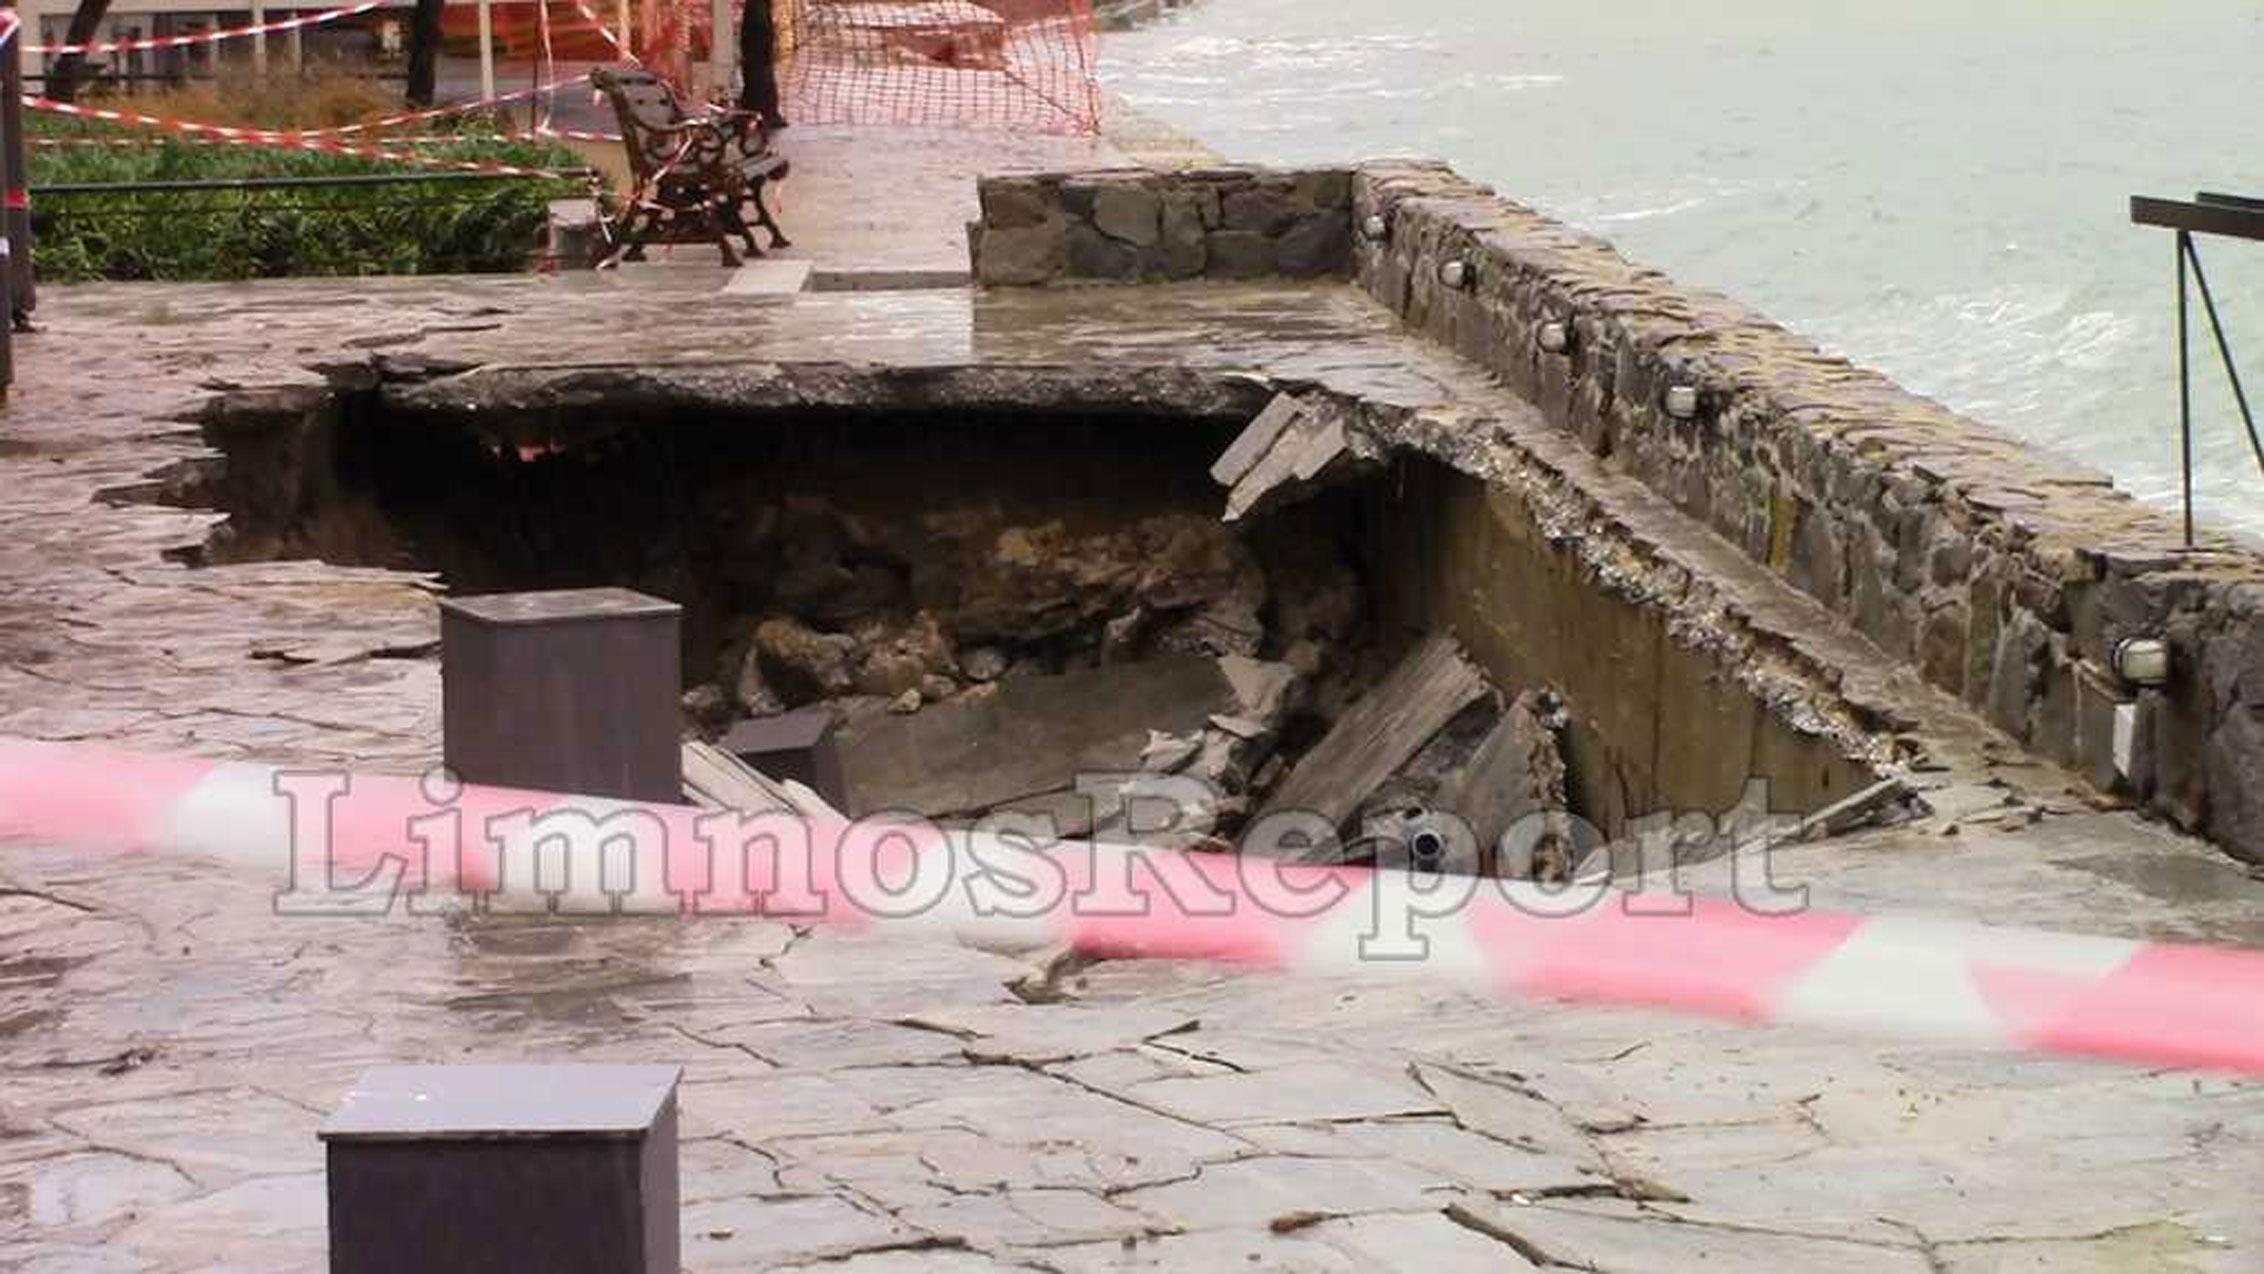 Καταστροφή στον Ρωμέικο Γιαλό στη Μύρινα από τους θυελλώδεις ανέμους! Άνοιξε τρύπα ενός μέτρου! [pics, vid]